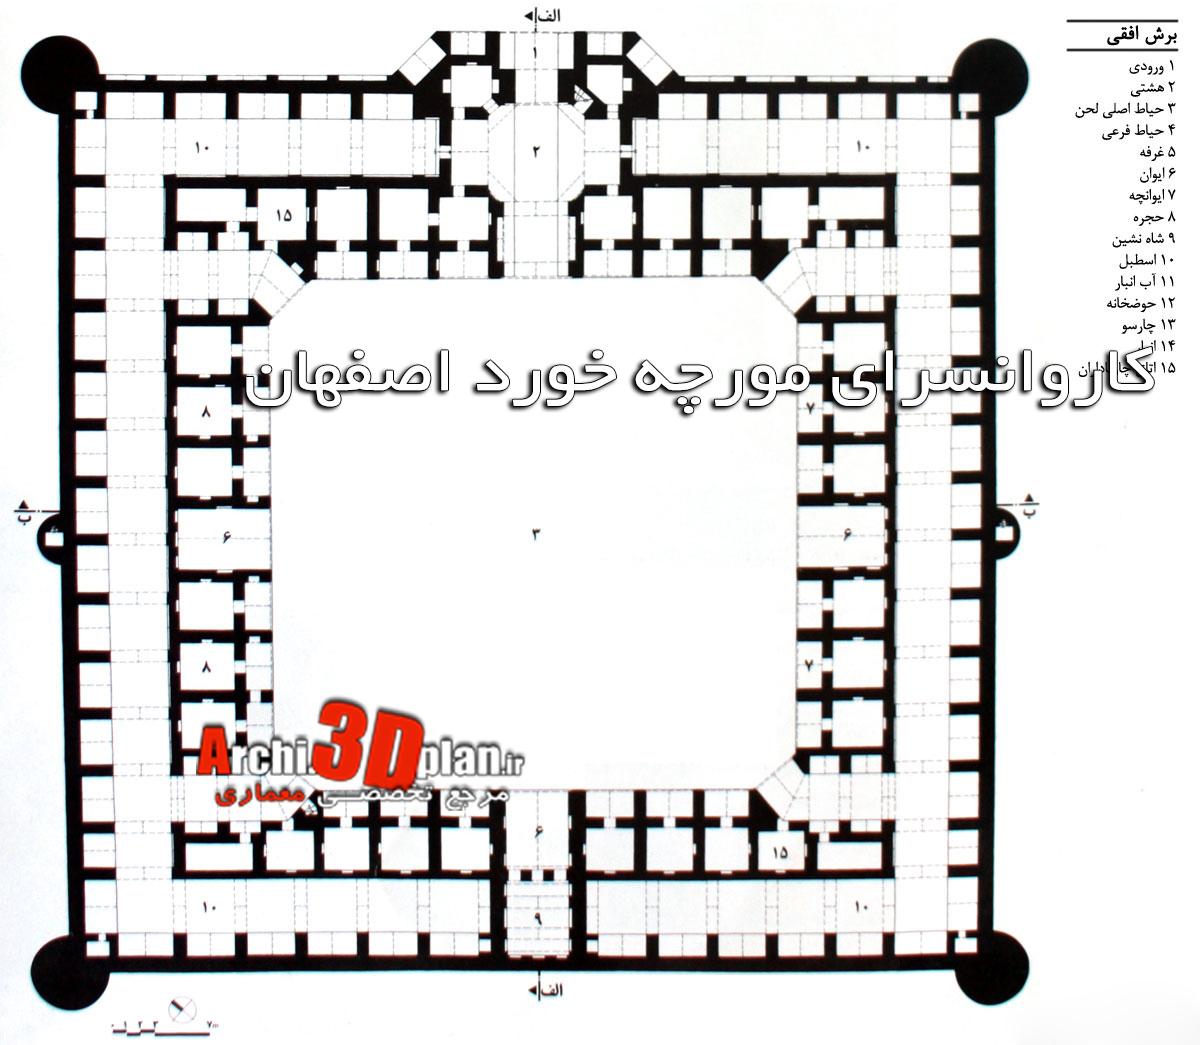 کاروانسرای مورچه خورت اصفهان